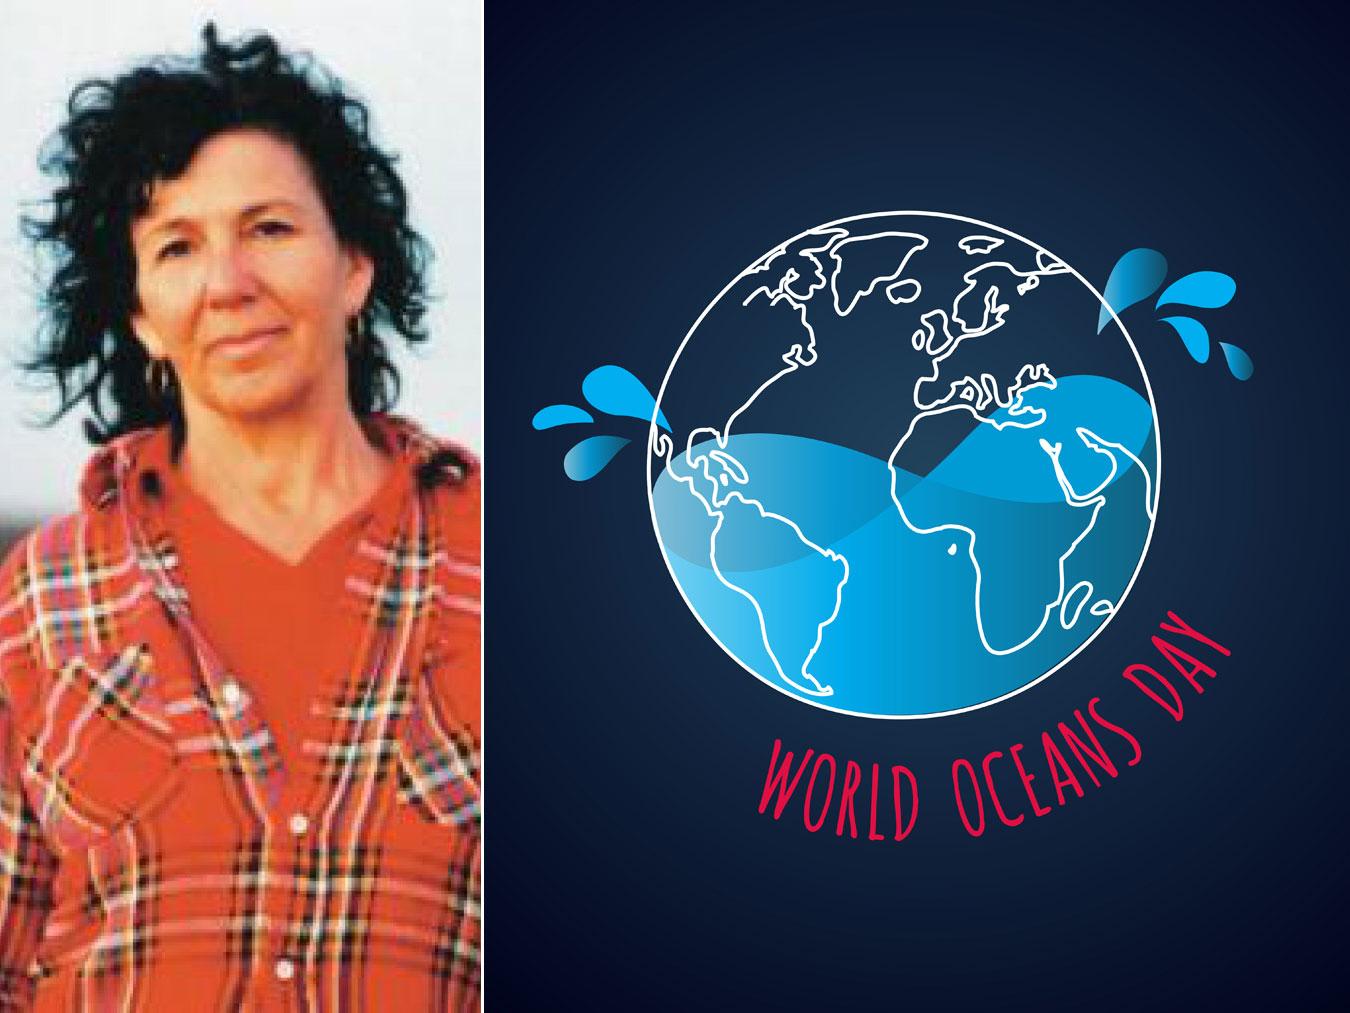 World Oceans Day Award